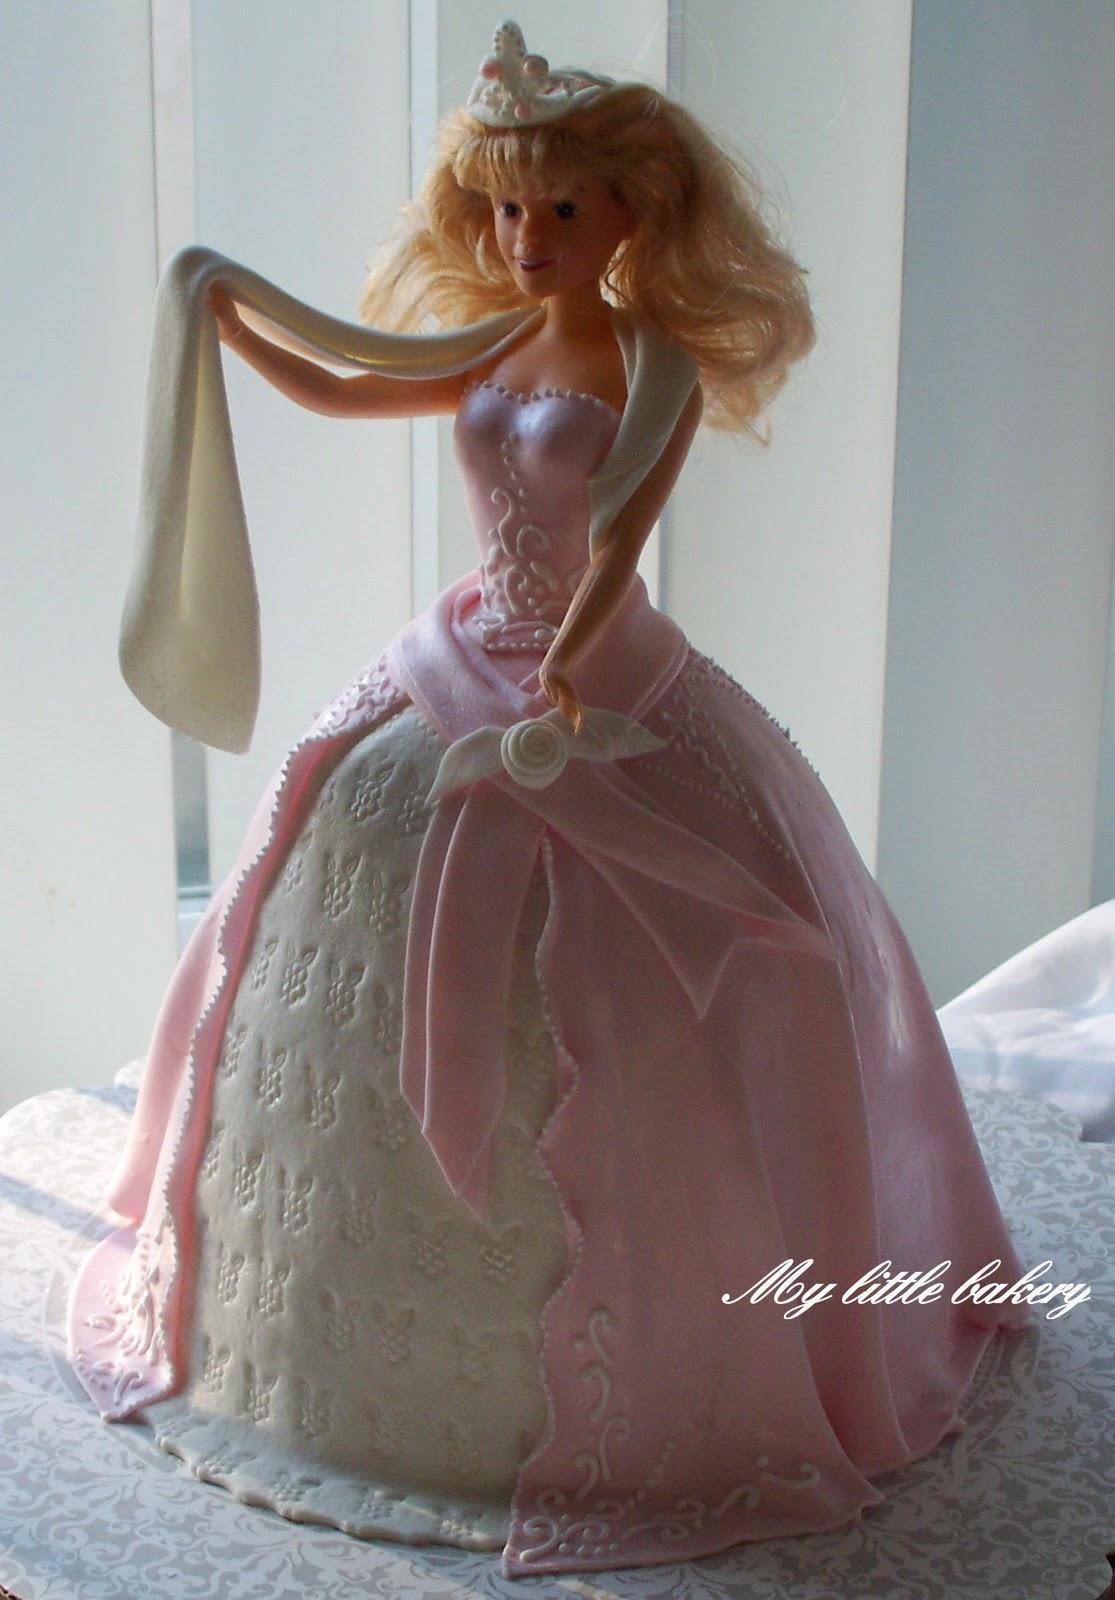 рецепты из мяса оленя.  Маски для лица от морщин домашние рецепты масок для лица.  Торт кукла из мастики пошагово.